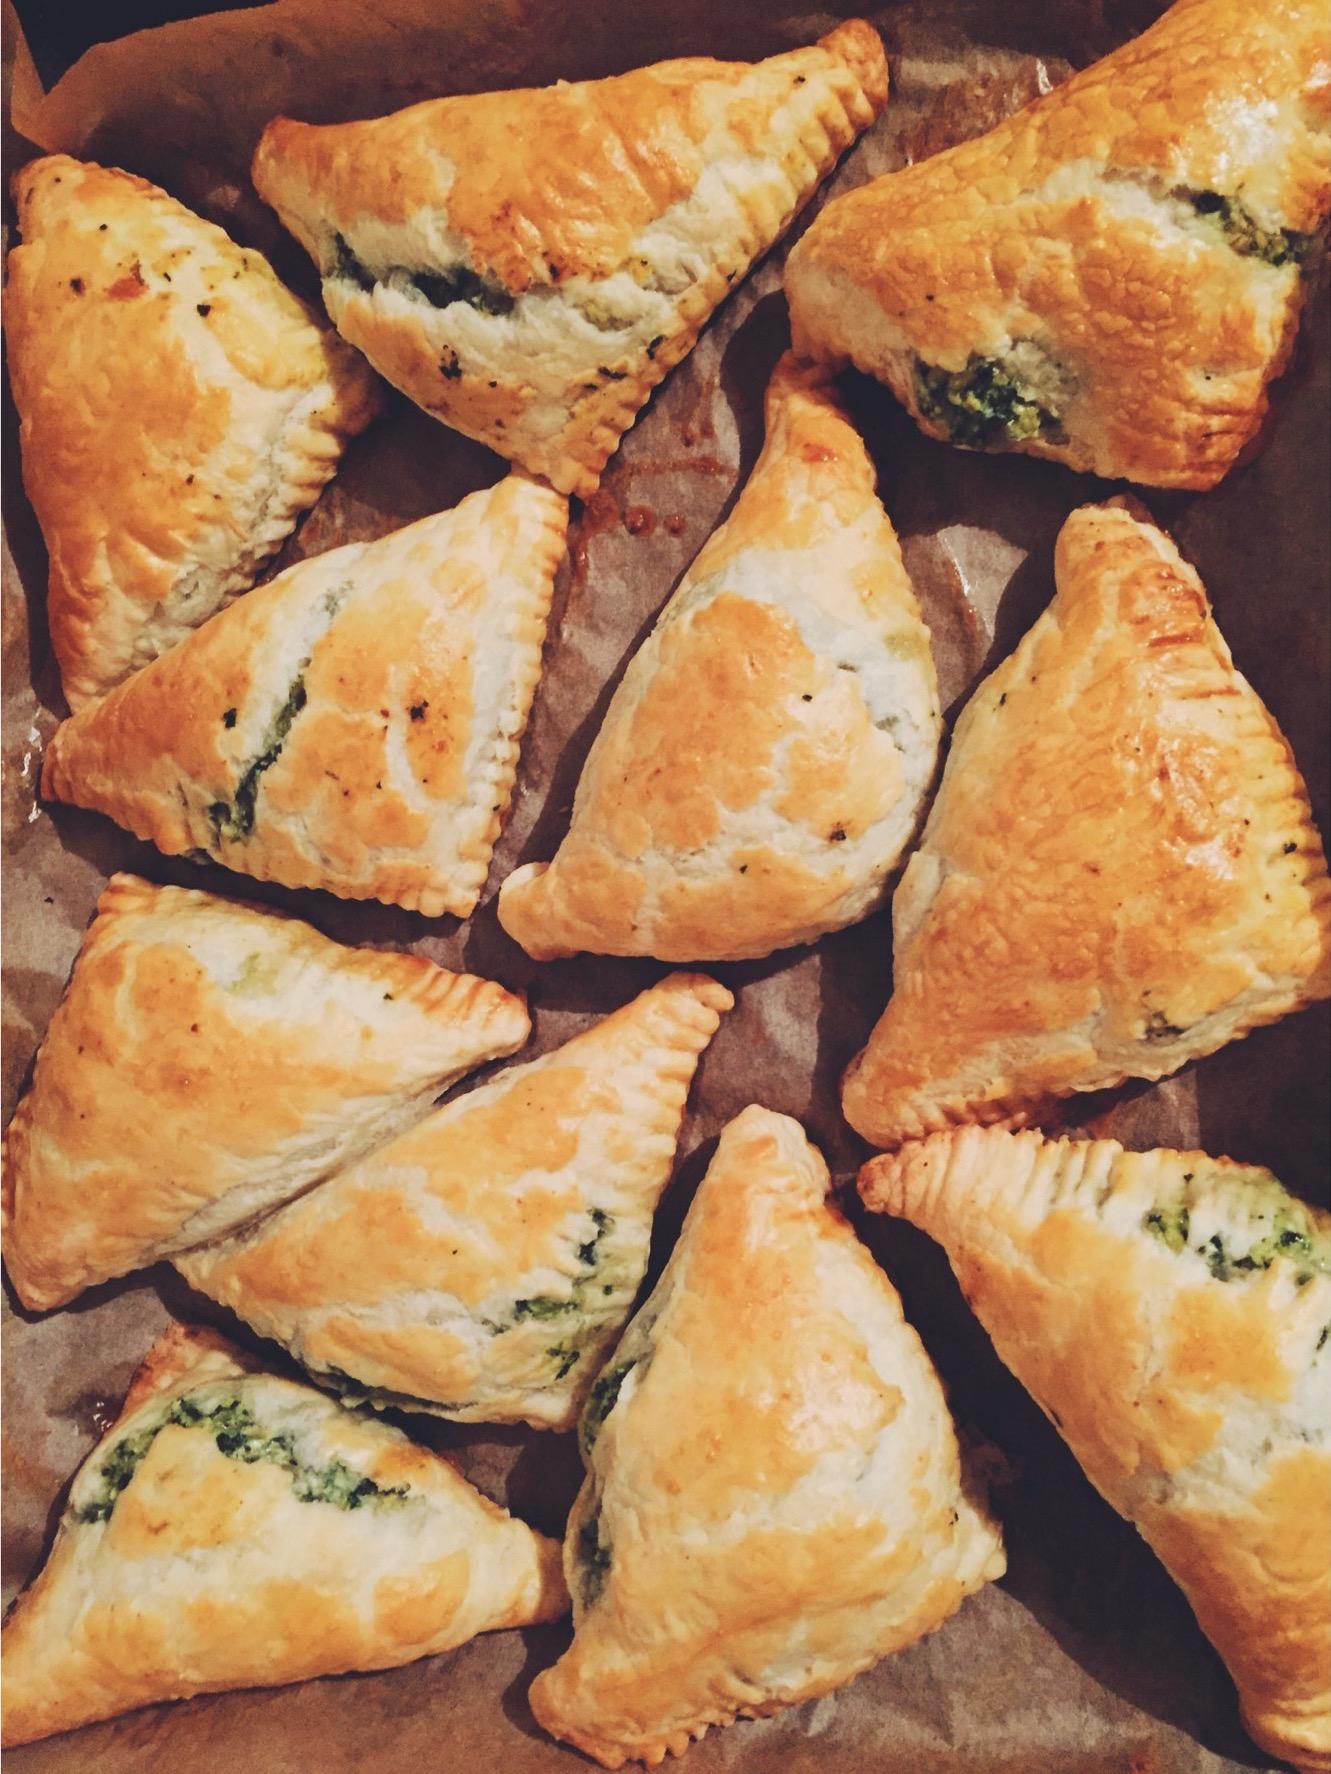 spinātu-rikotas siera pīrāgi - ja vien viss dzīvē būtu tik vienkārši, kā pagatavot šos pīrāgus.. pateicoties saldētavā esošajiem kārtainās mīklas krājumiem, tie ātri tiek pagatavoti un vēl ātrāk pazūd, bet nekas, jo saldētavā vēl joprojām ir kārtainā mīkla.